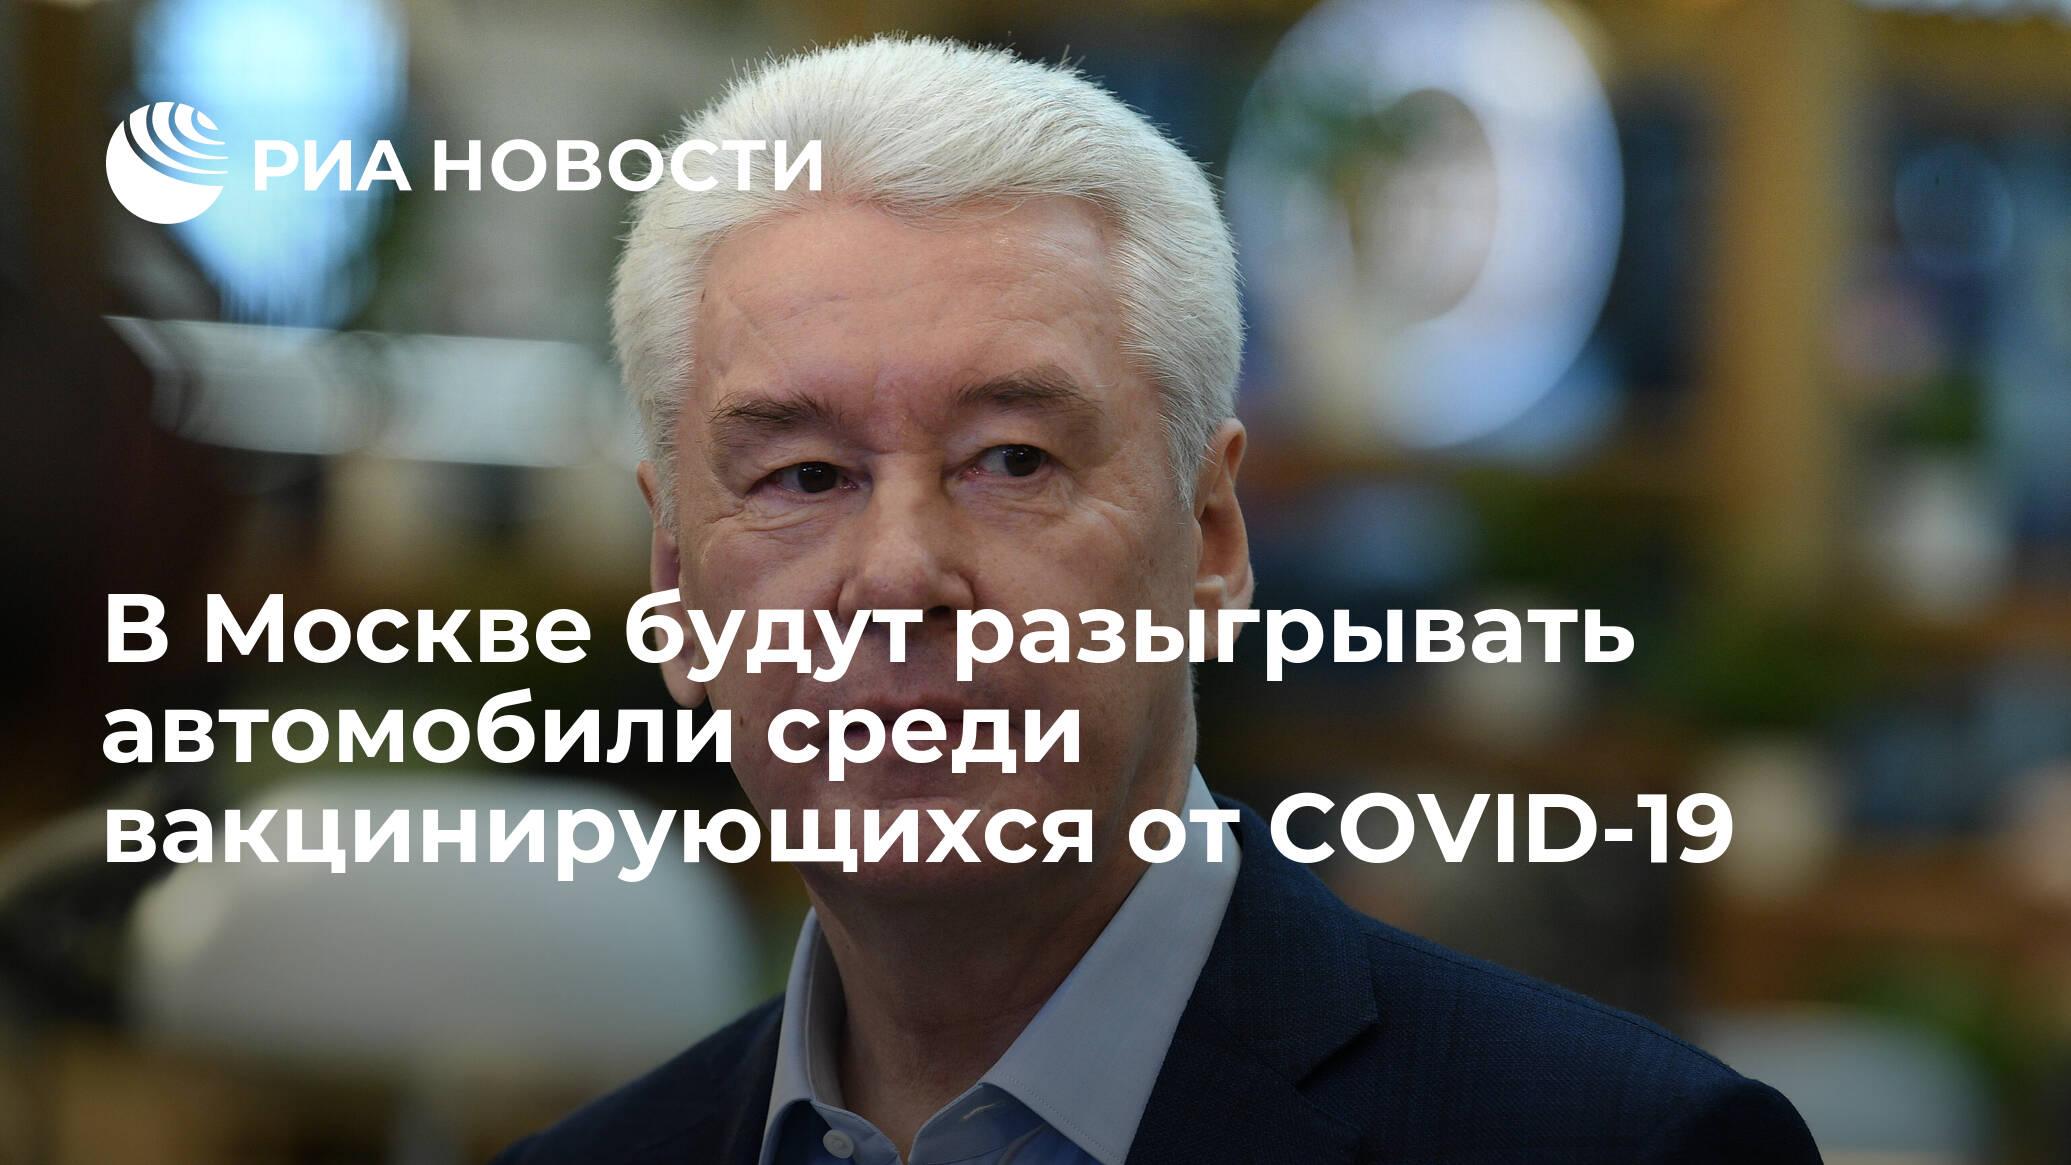 В Москве будут разыгрывать автомобили среди вакцинирующихся от COVID-19